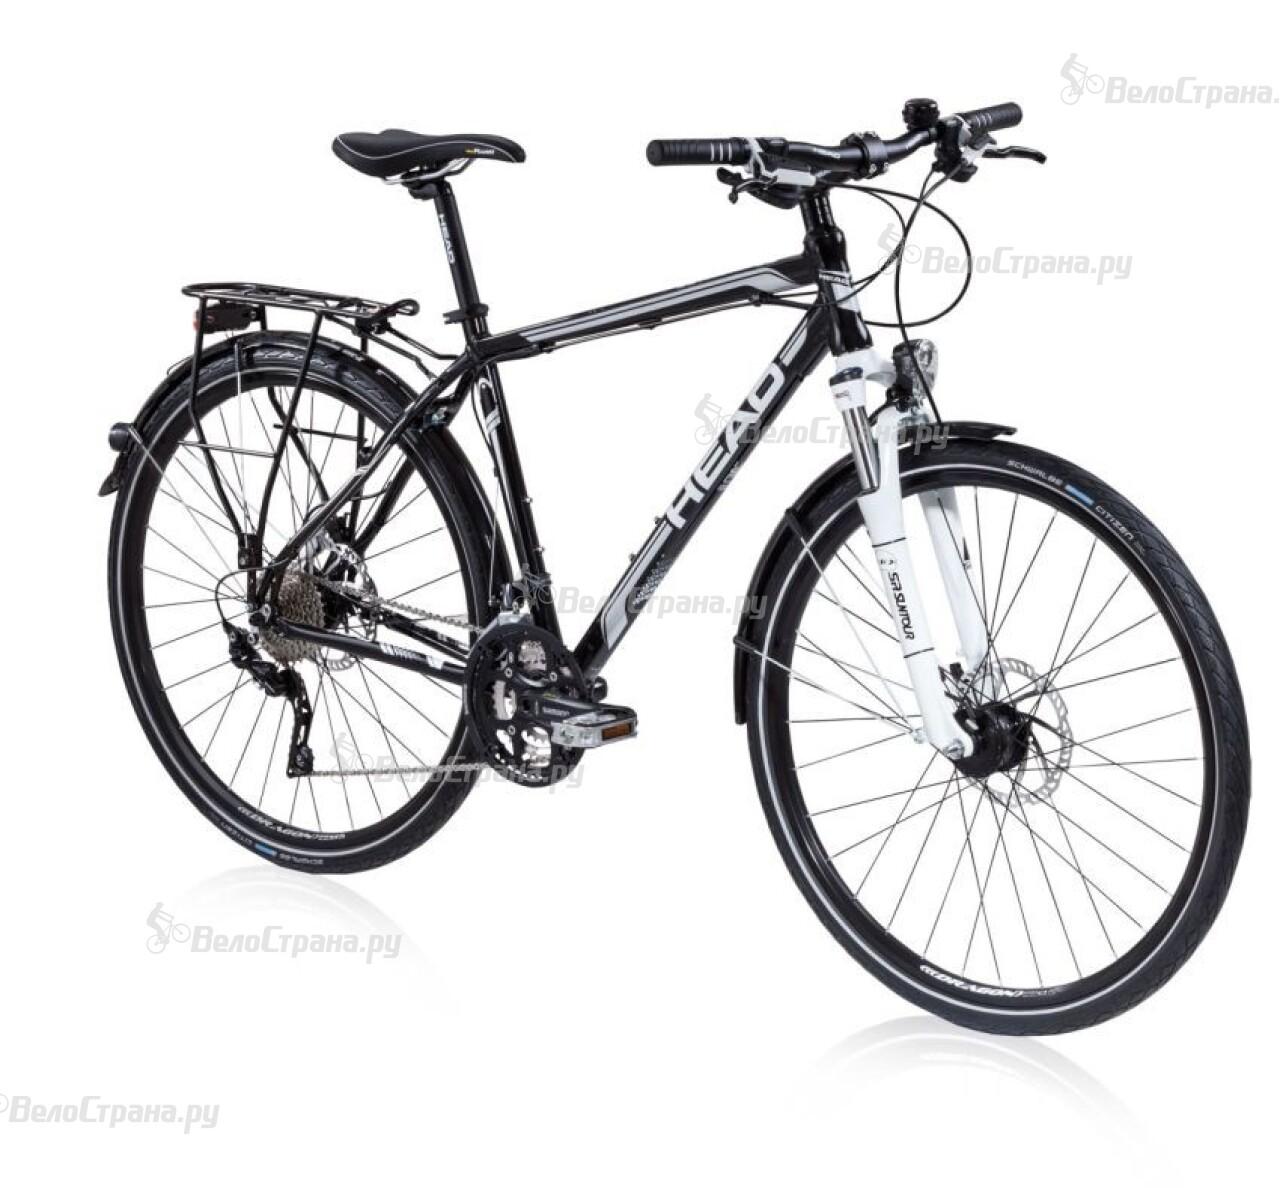 Велосипед Head Trekking 2 (2014)